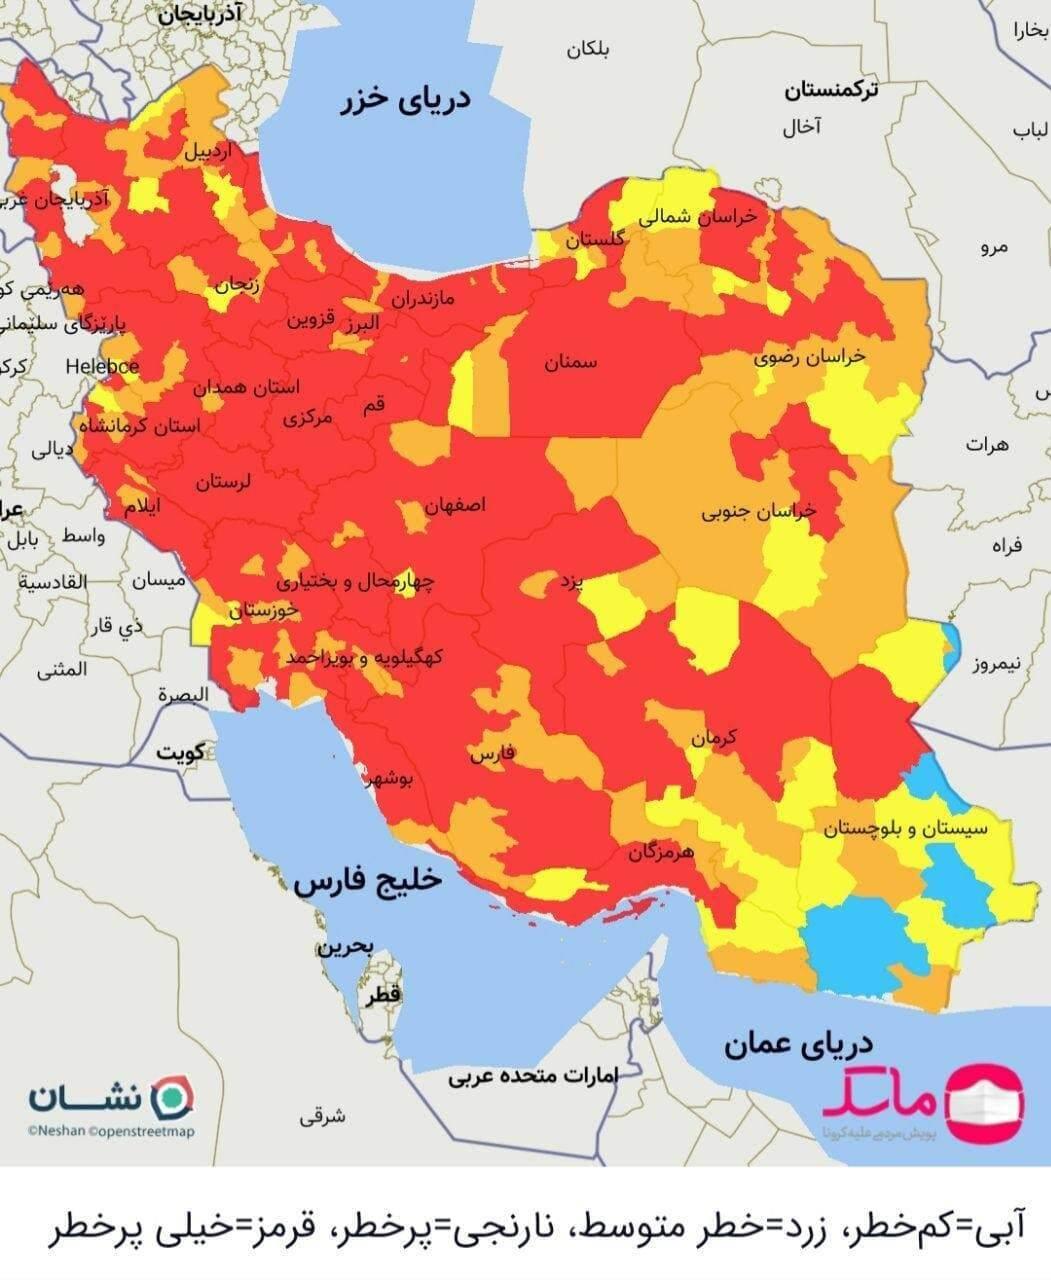 تمامی مراکز استانها در وضعیت قرمز قرار گرفتند